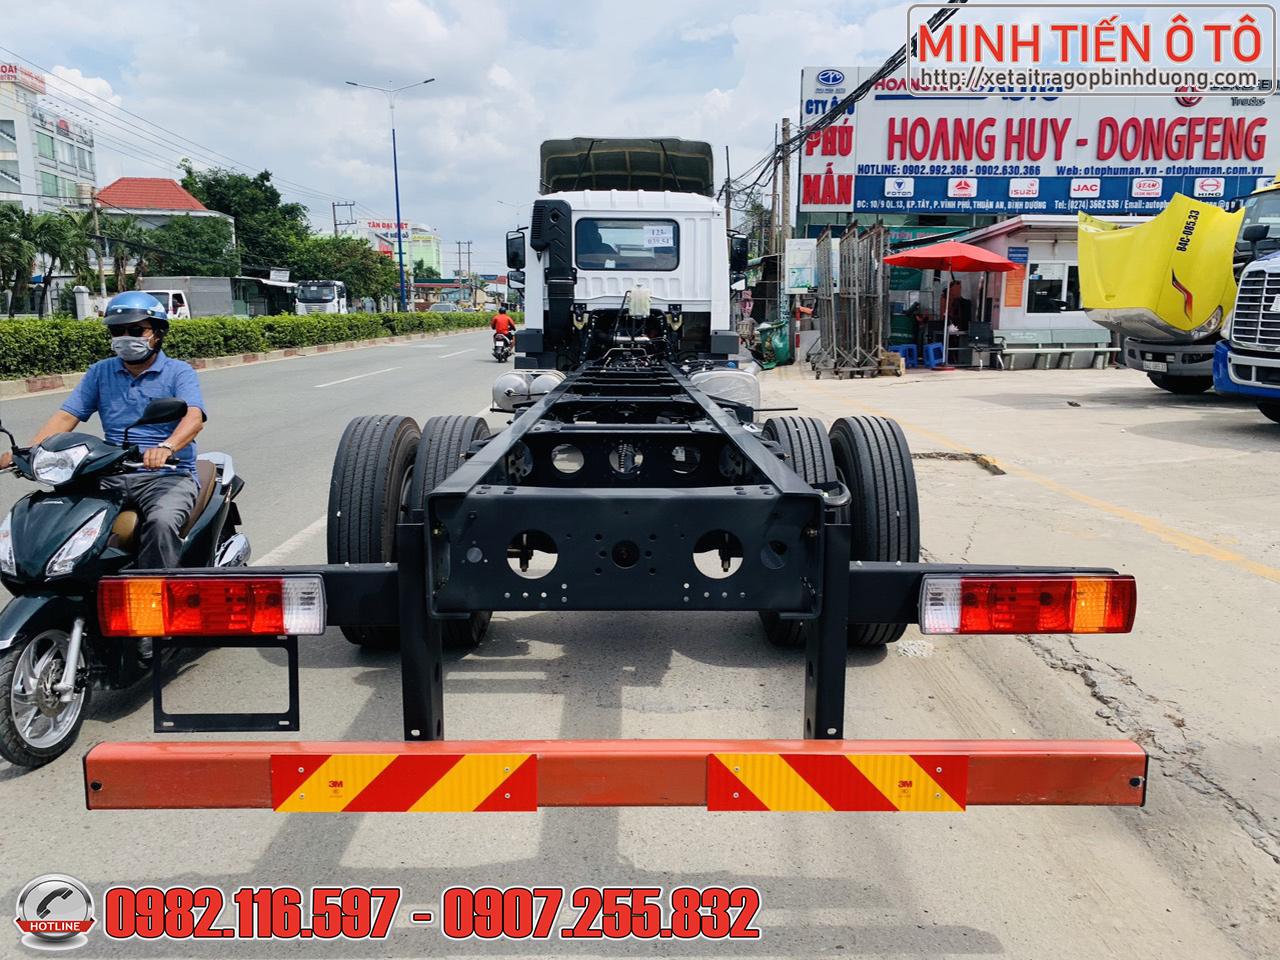 Xe tải 8 tấn chở hàng cồng kềnh - Bán xe tải FAW 8T thùng dài 8 mét - Hỗ trợ ngân hàng 70%